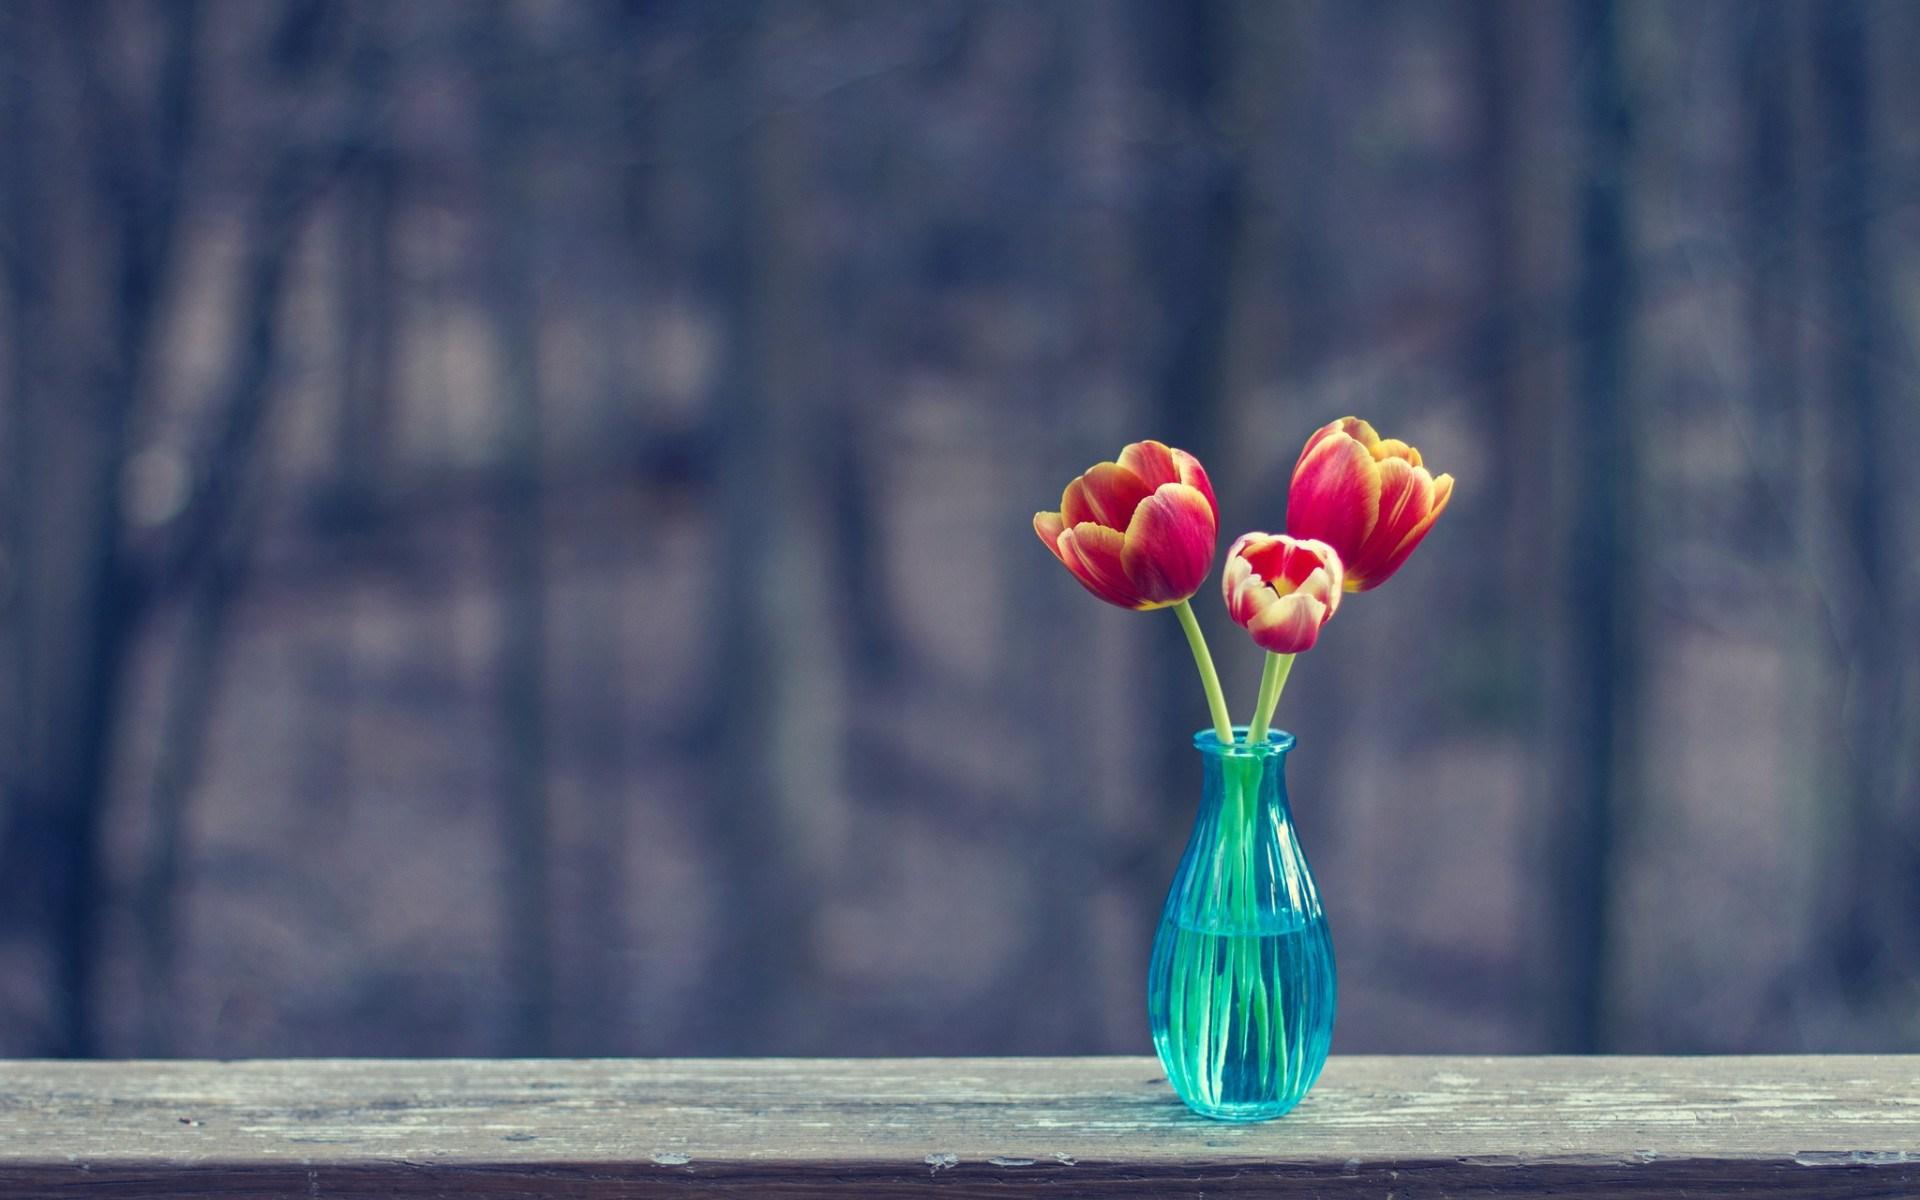 vase tulips three flowers